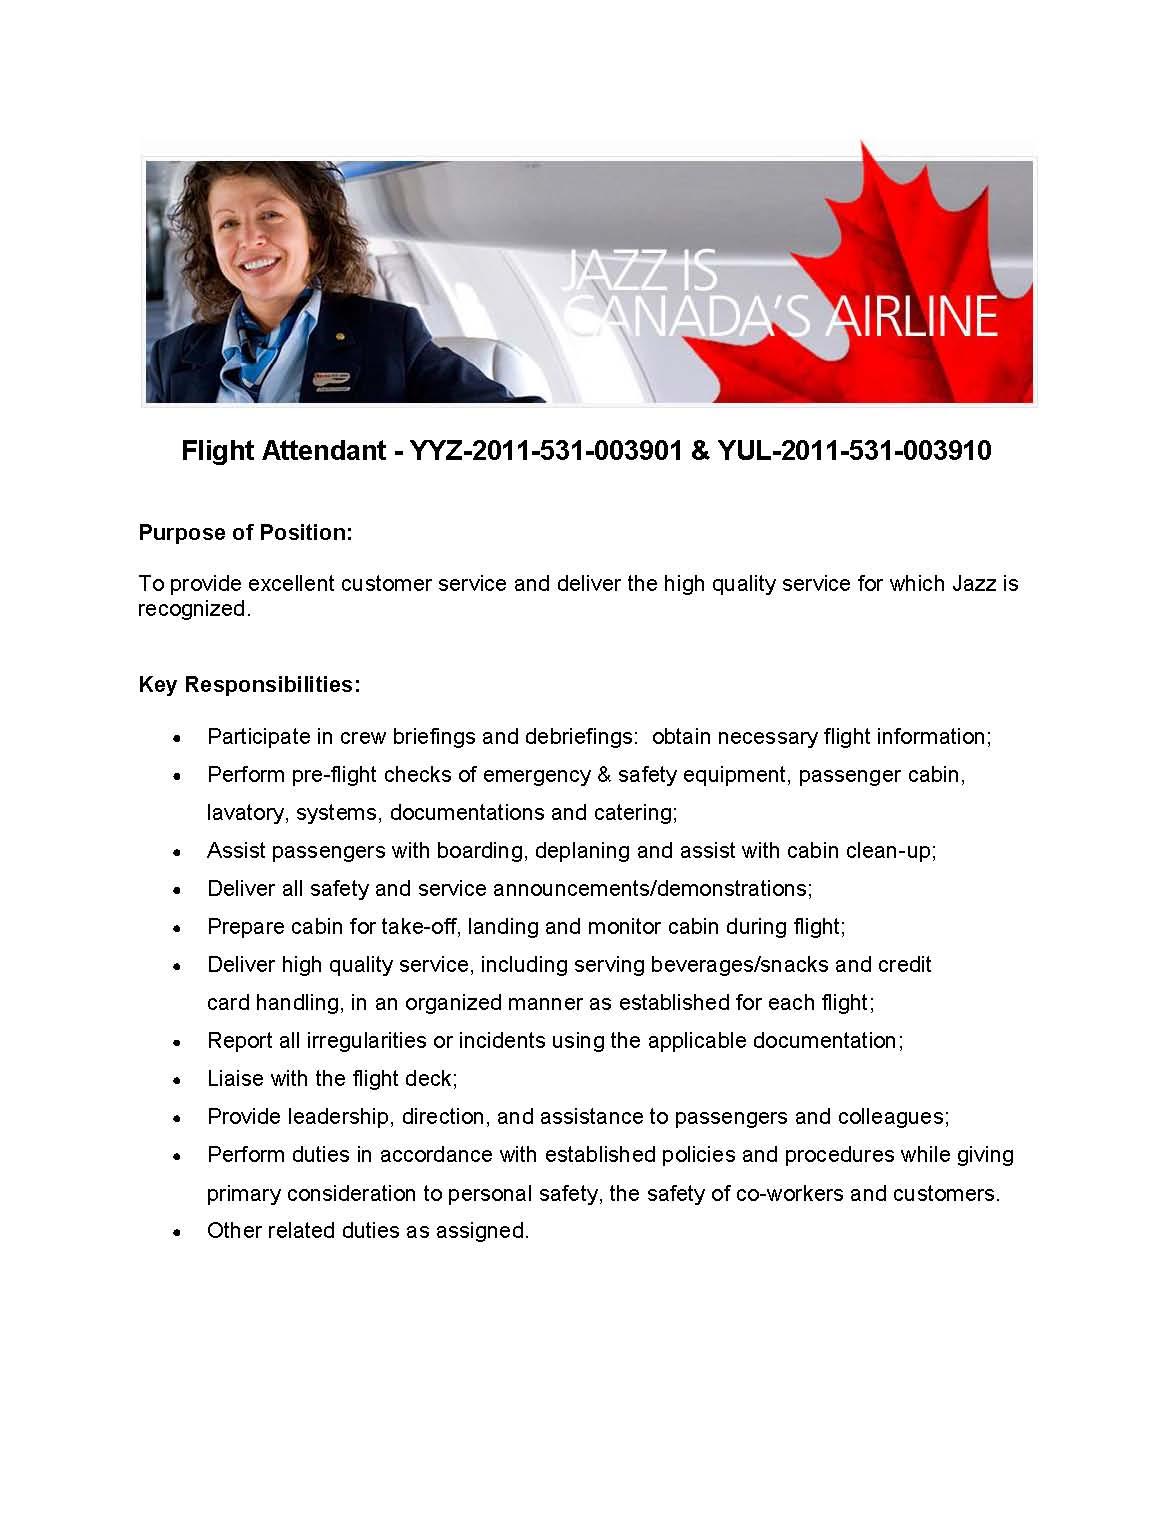 Flight Attendant Cover Letter Template - Atlanta flight attendant cover letter